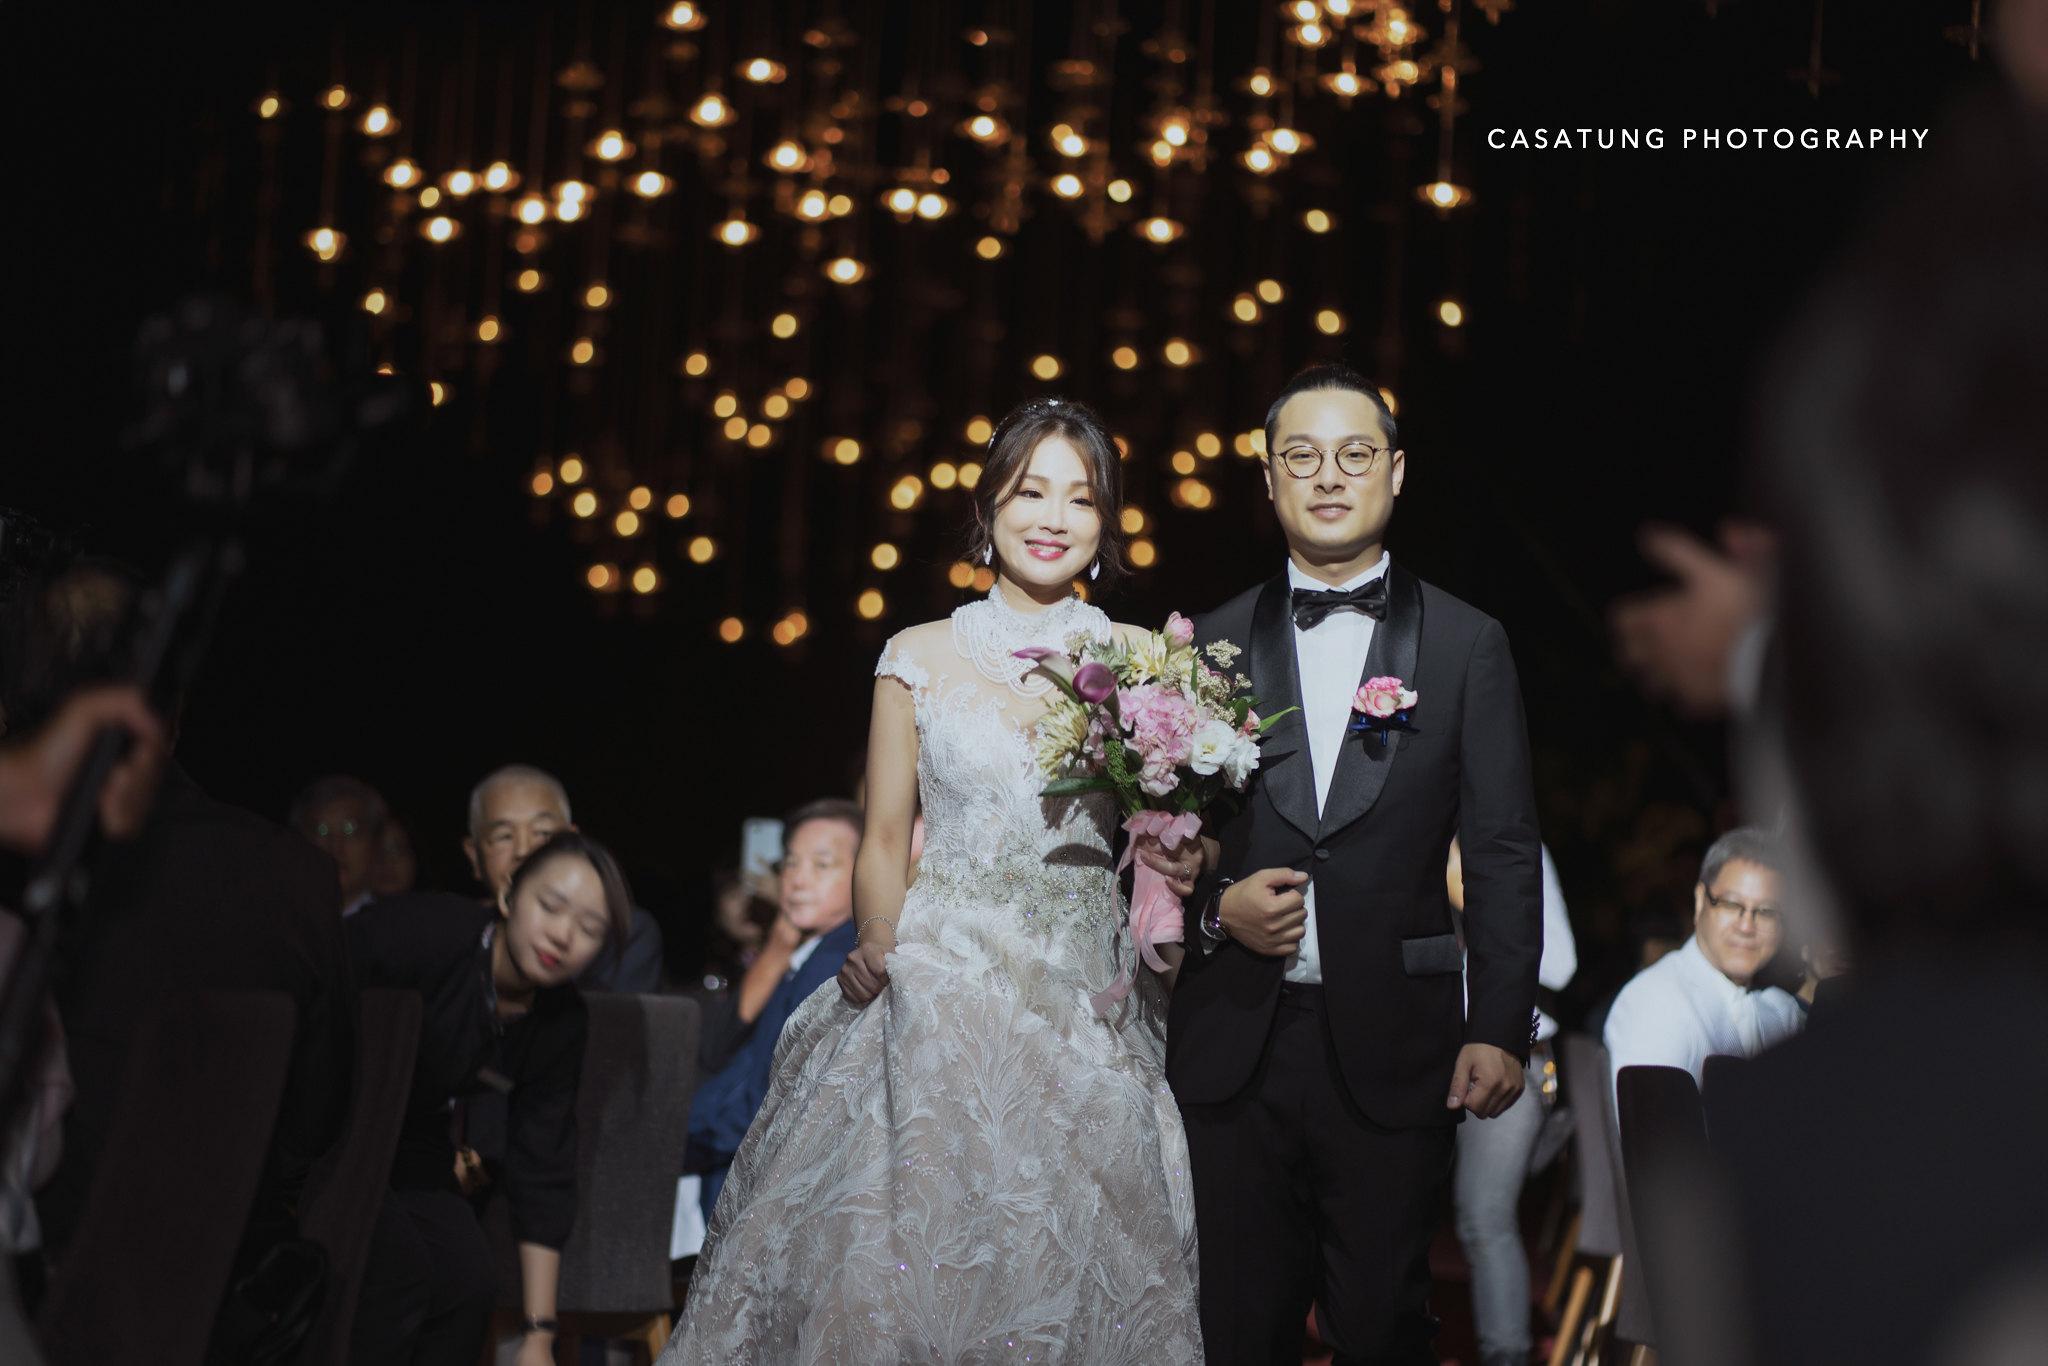 台中自助婚紗,旋轉木馬,casatung,心之芳庭,婚攝casa-169